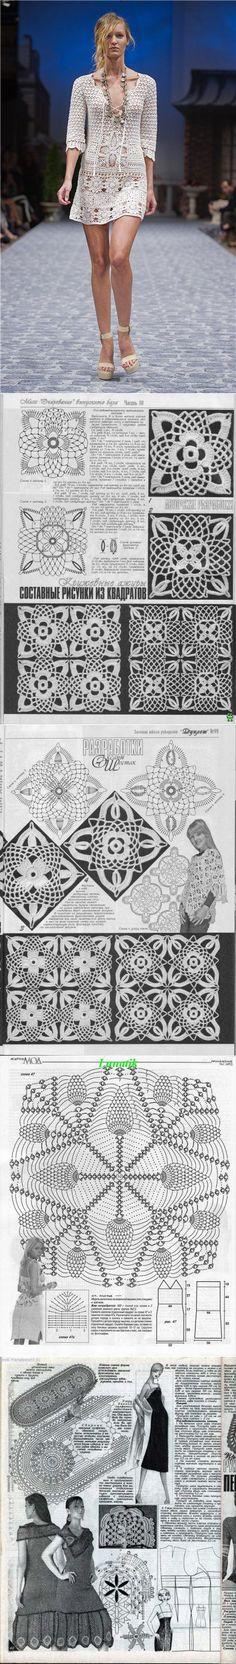 890 mejores imágenes de tejidos moda | Crochet clothes, Crochet ...